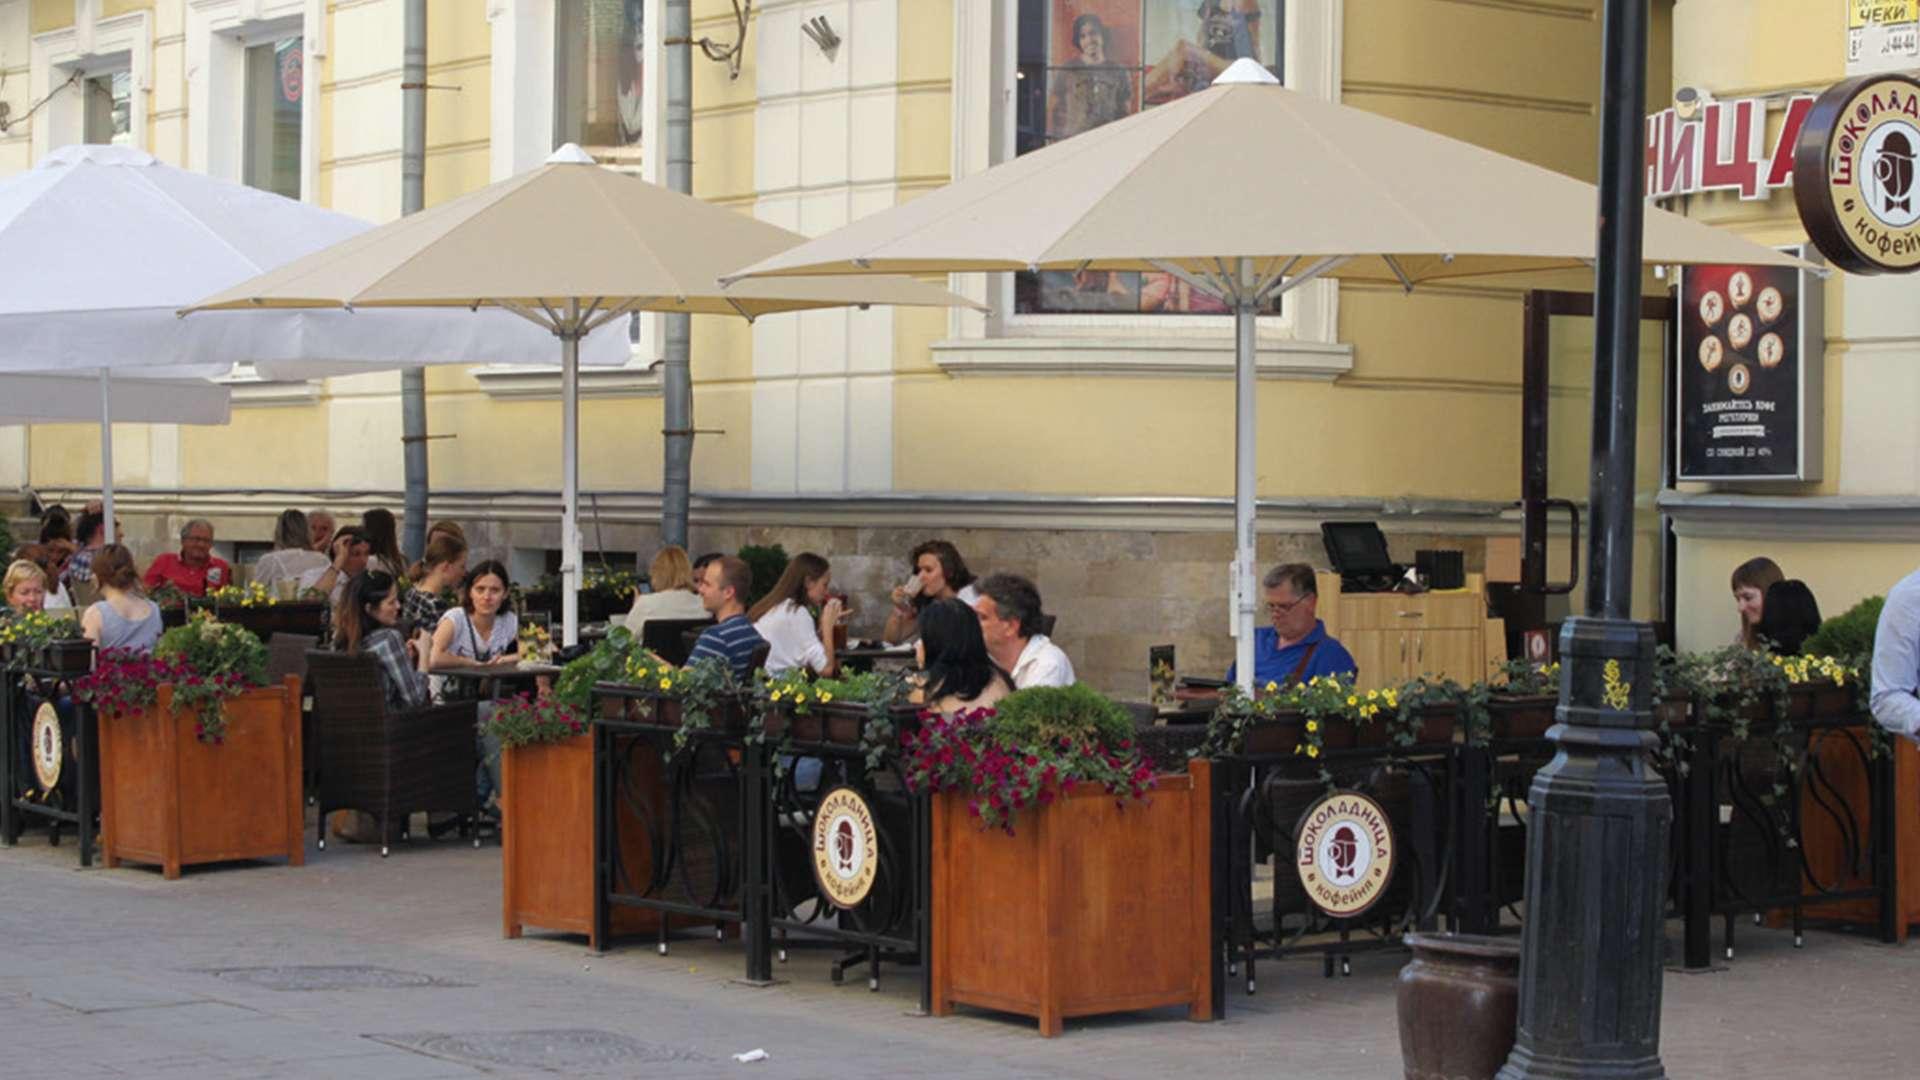 Event Sonnenschirme im Außenbereich eines Cafés